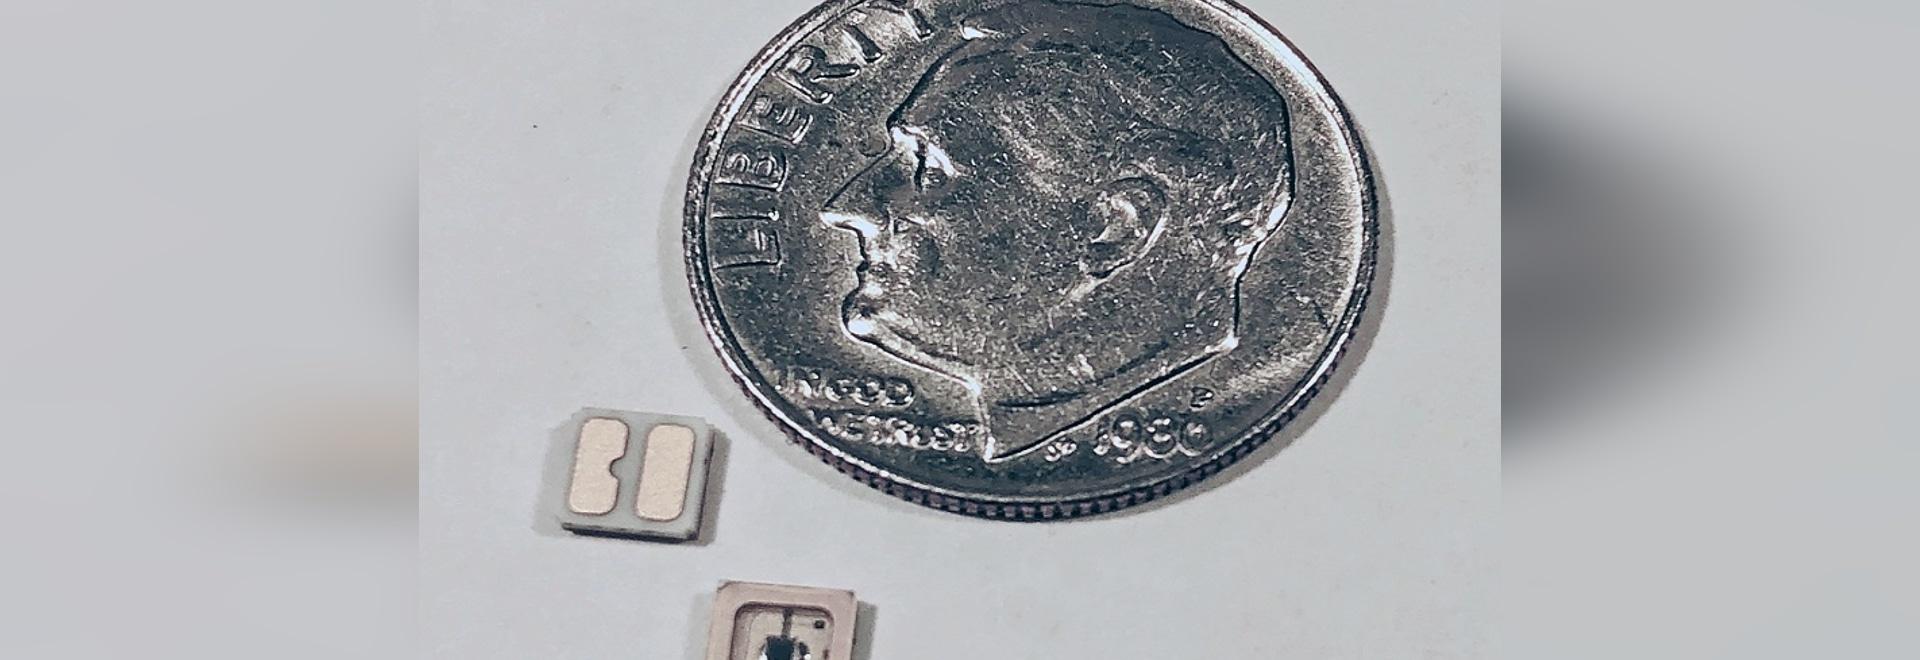 Les LEDs UV-C sont amorcées pour les applications de stérilisation et de désinfection